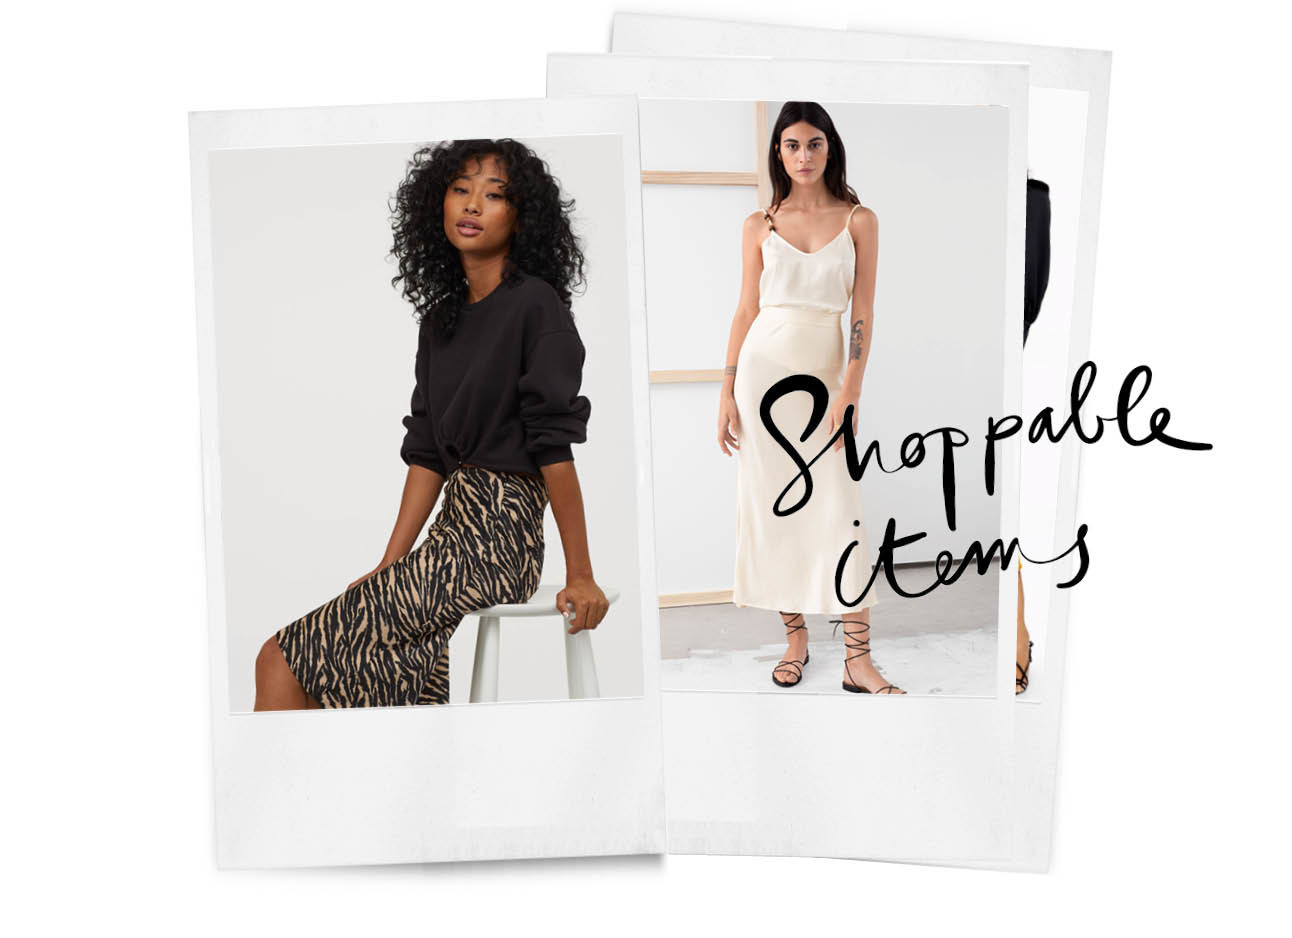 Op de foto staan 2 meiden in polariods, ze dragen zijnde rokken, een daarvan is wit met een witte top, en de andere rok is een tijgerprint met een zwarte top, verder staat de tekst inspiration er nog op